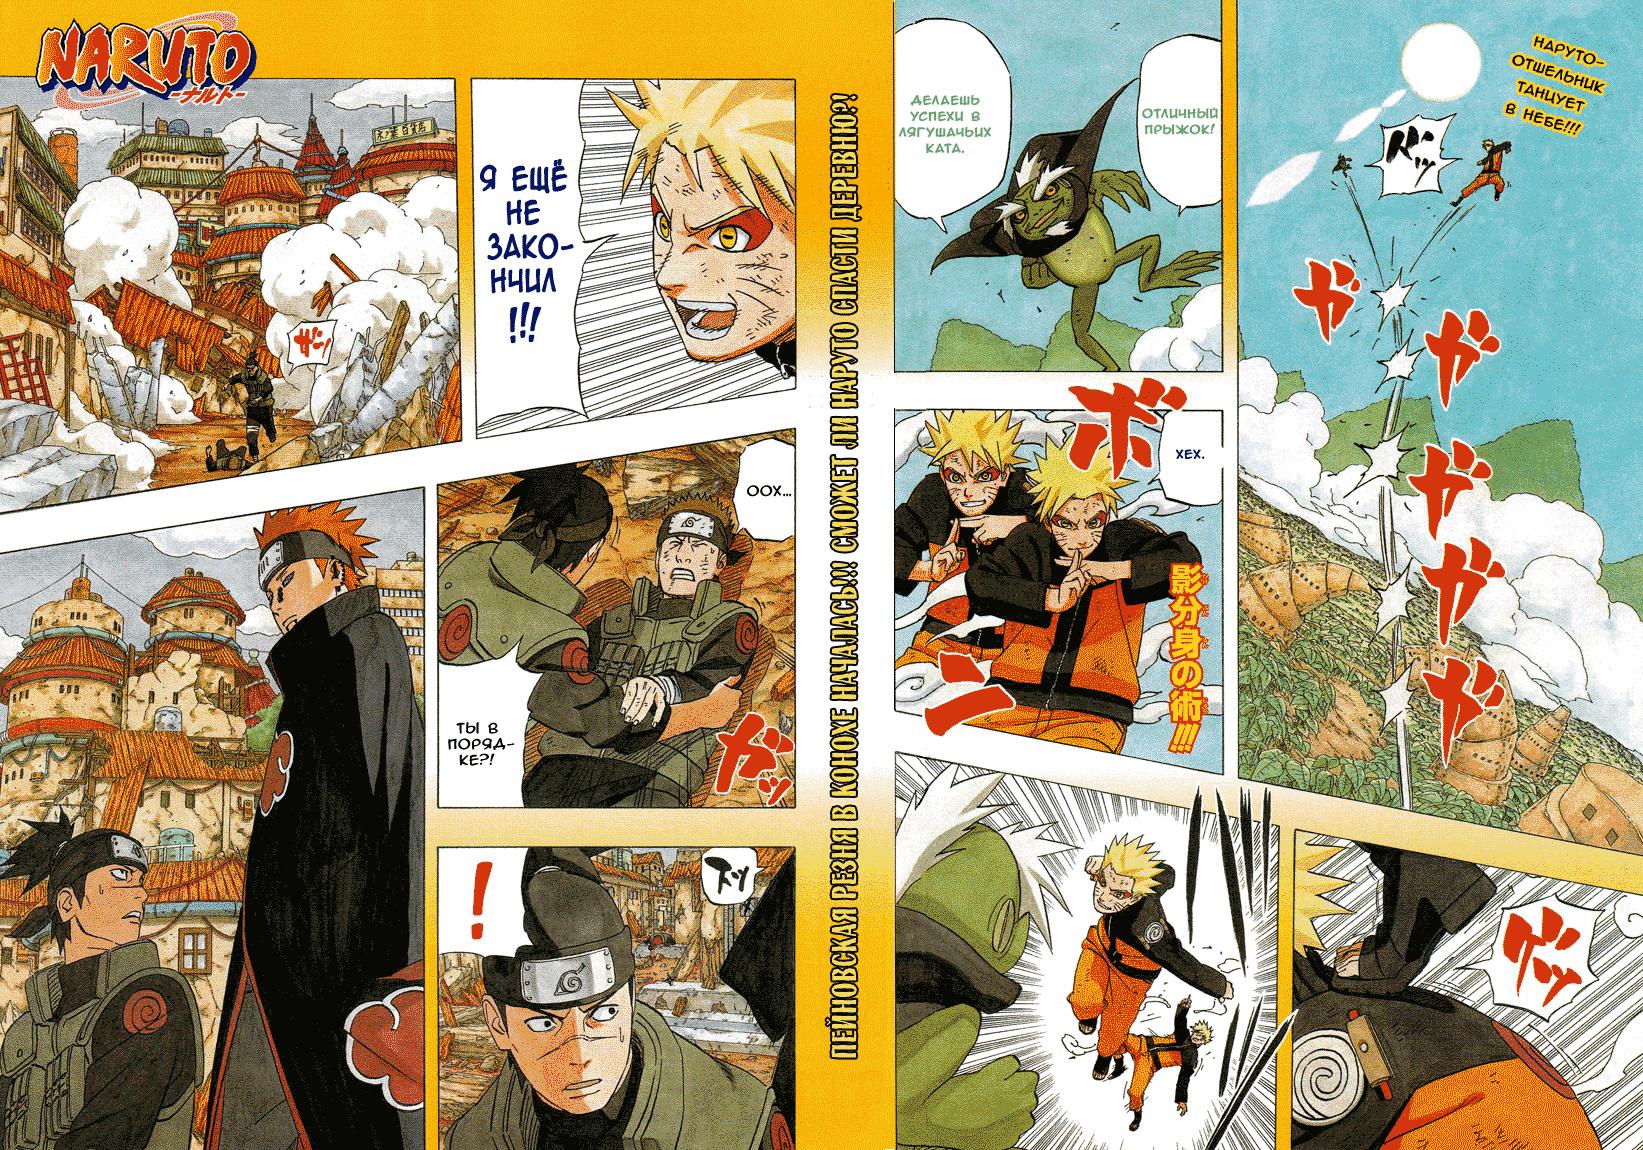 Манга Naruto / Наруто Манга Naruto Глава # 420 - Поле битвы - Коноха, страница 1